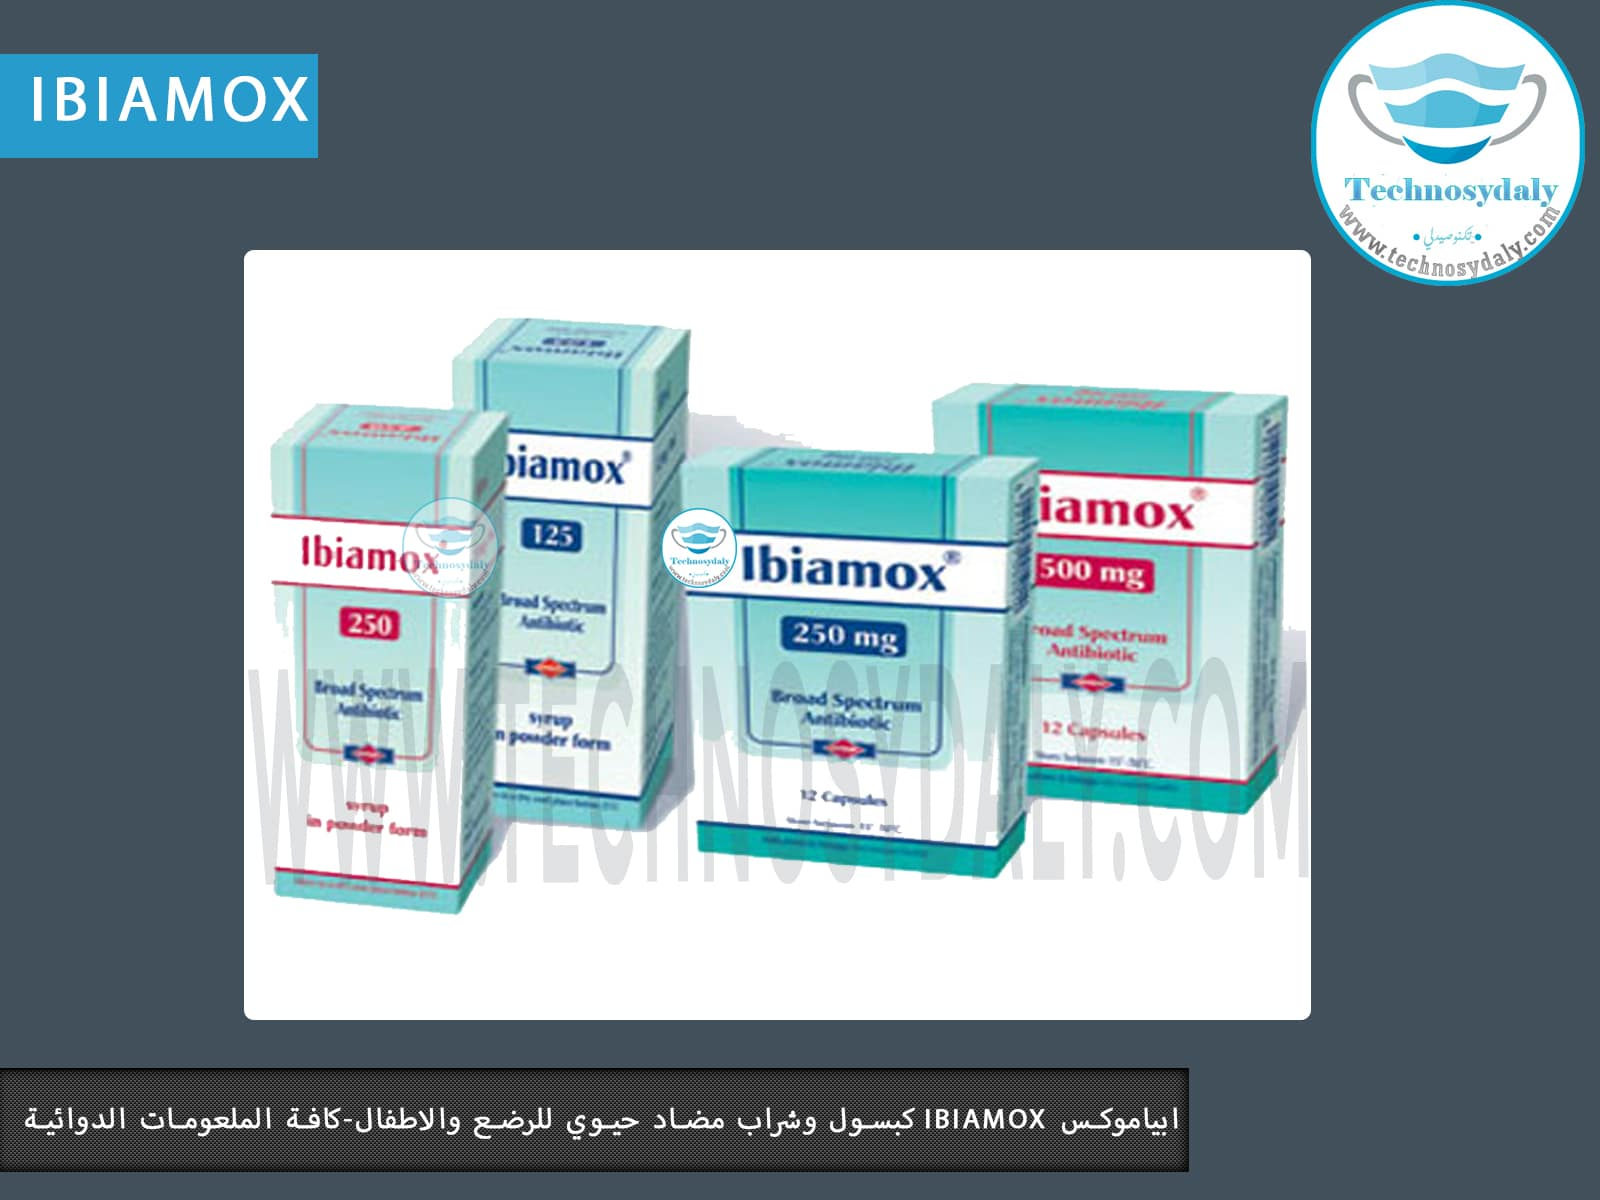 ابياموكس ibiamox كبسول وشراب مضاد حيوي للرضع والاطفال-كافة الملعومات